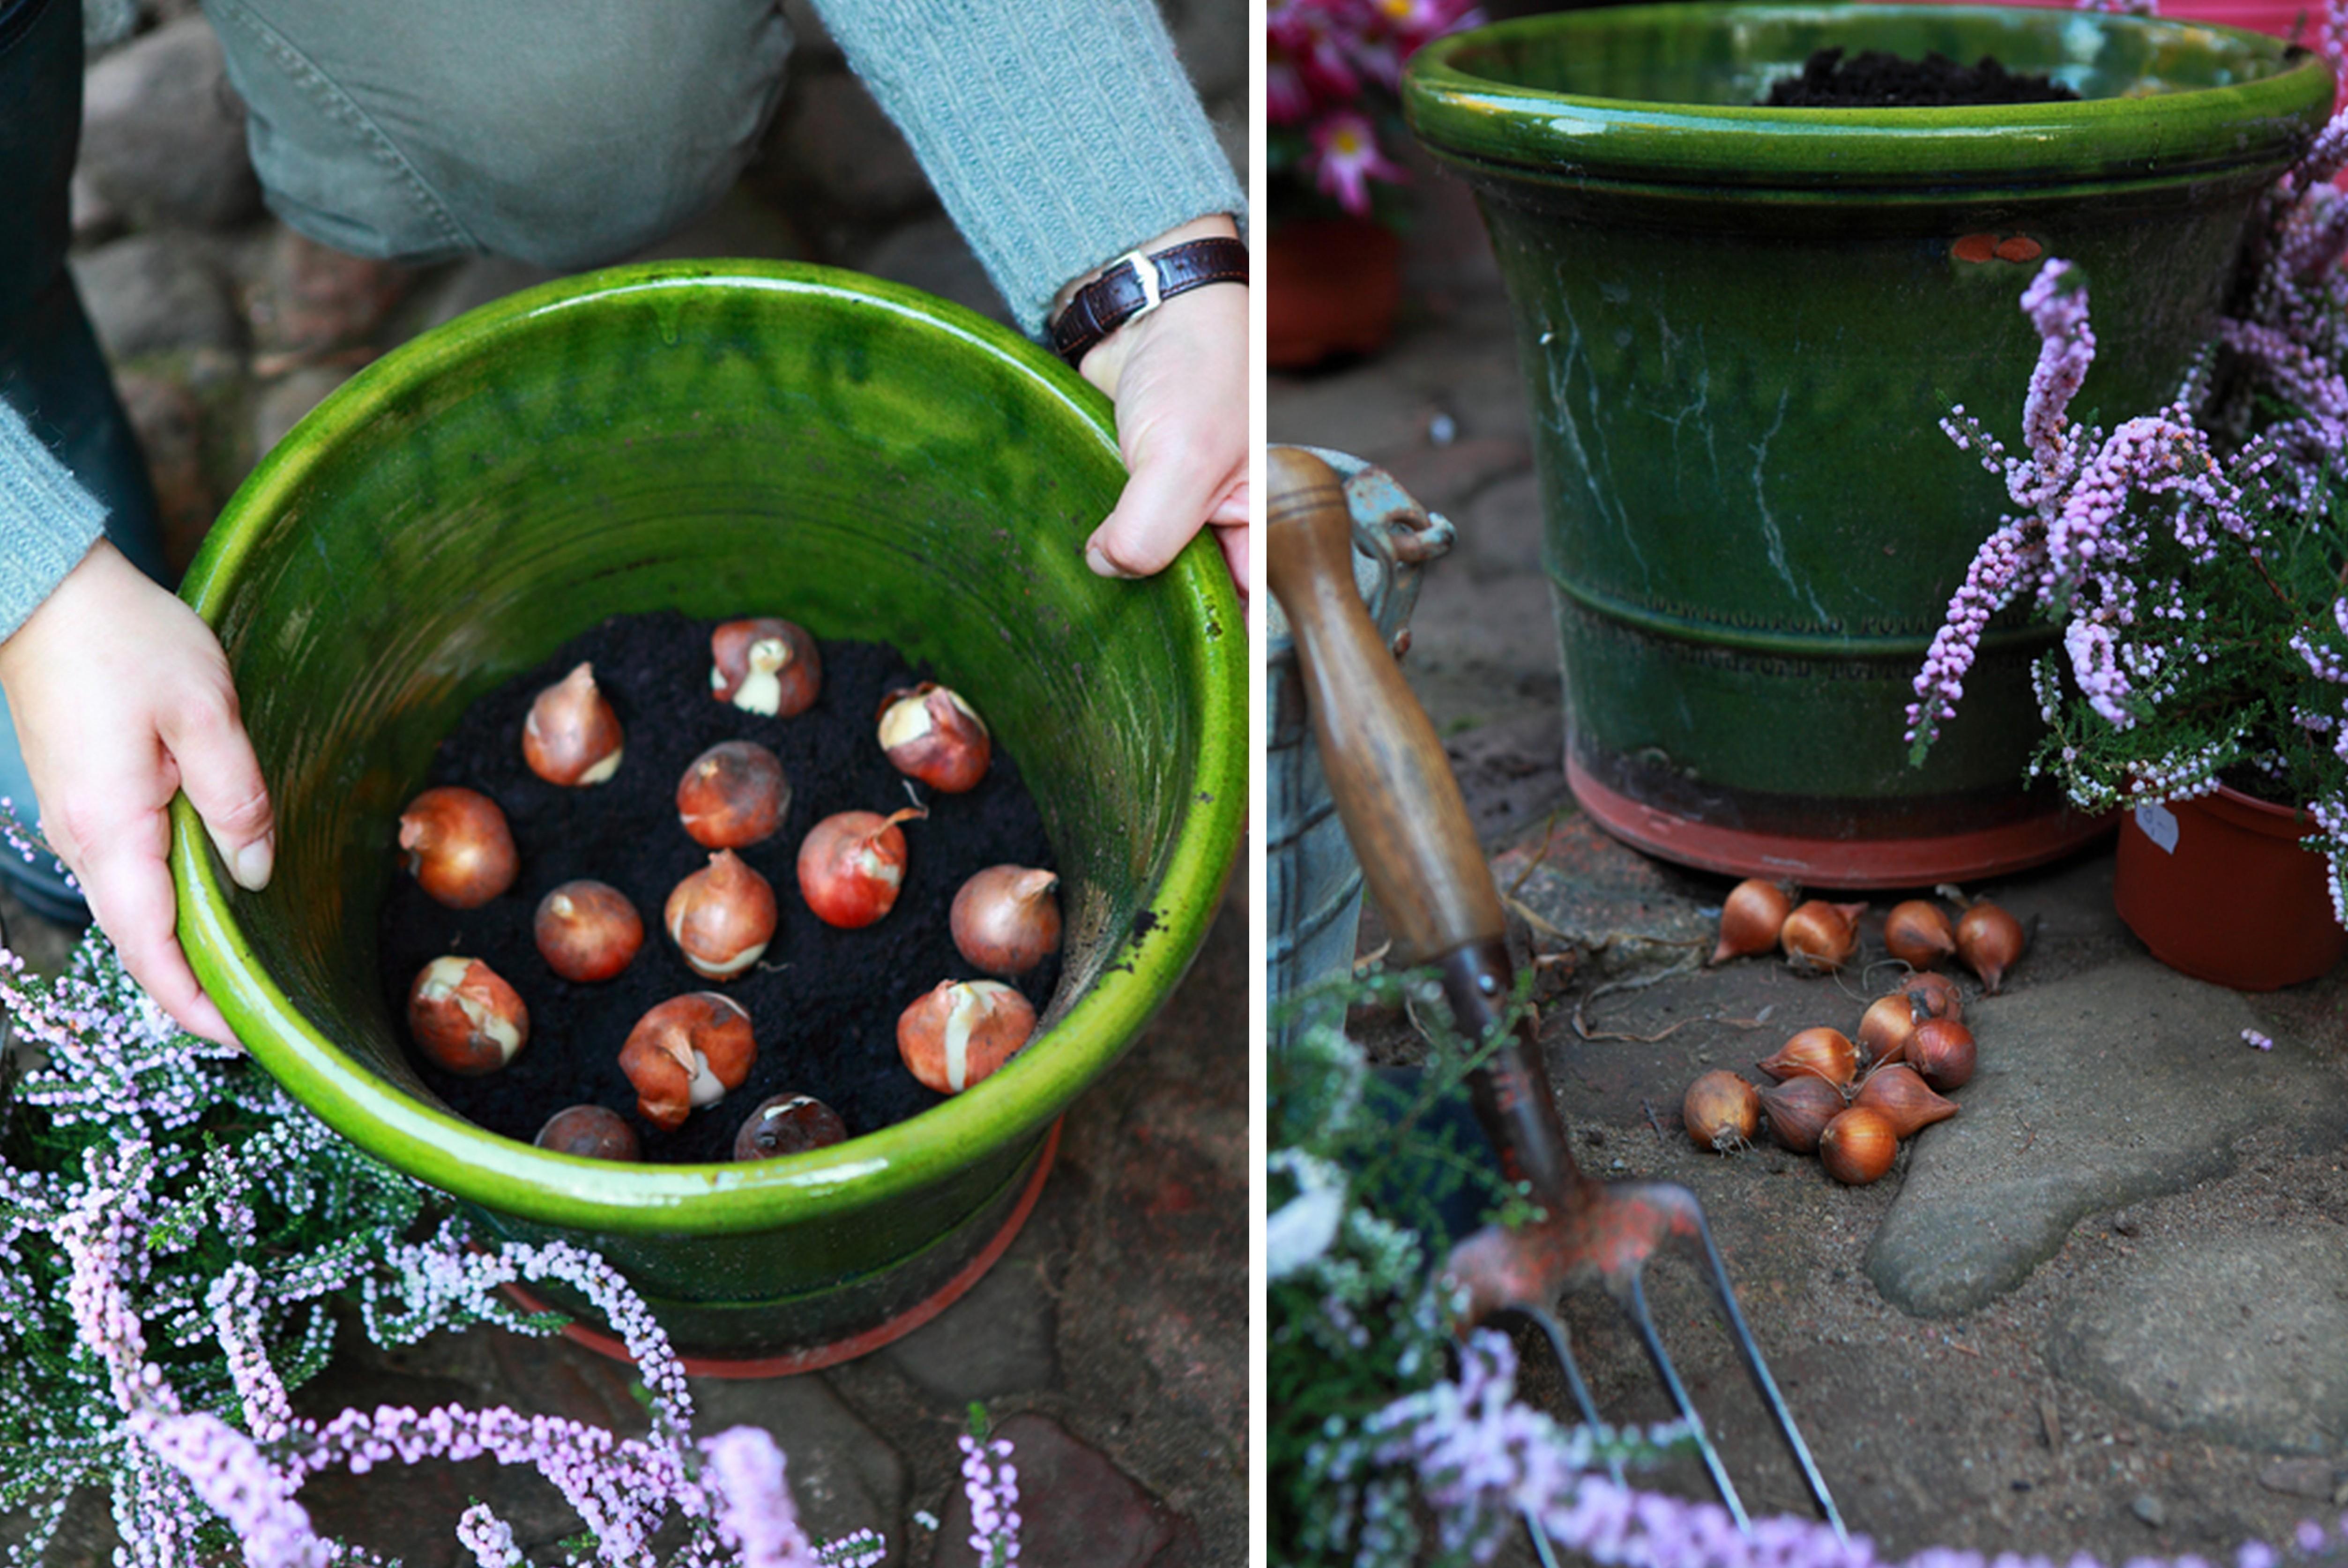 Как сажать тюльпаны в корзины для луковичных